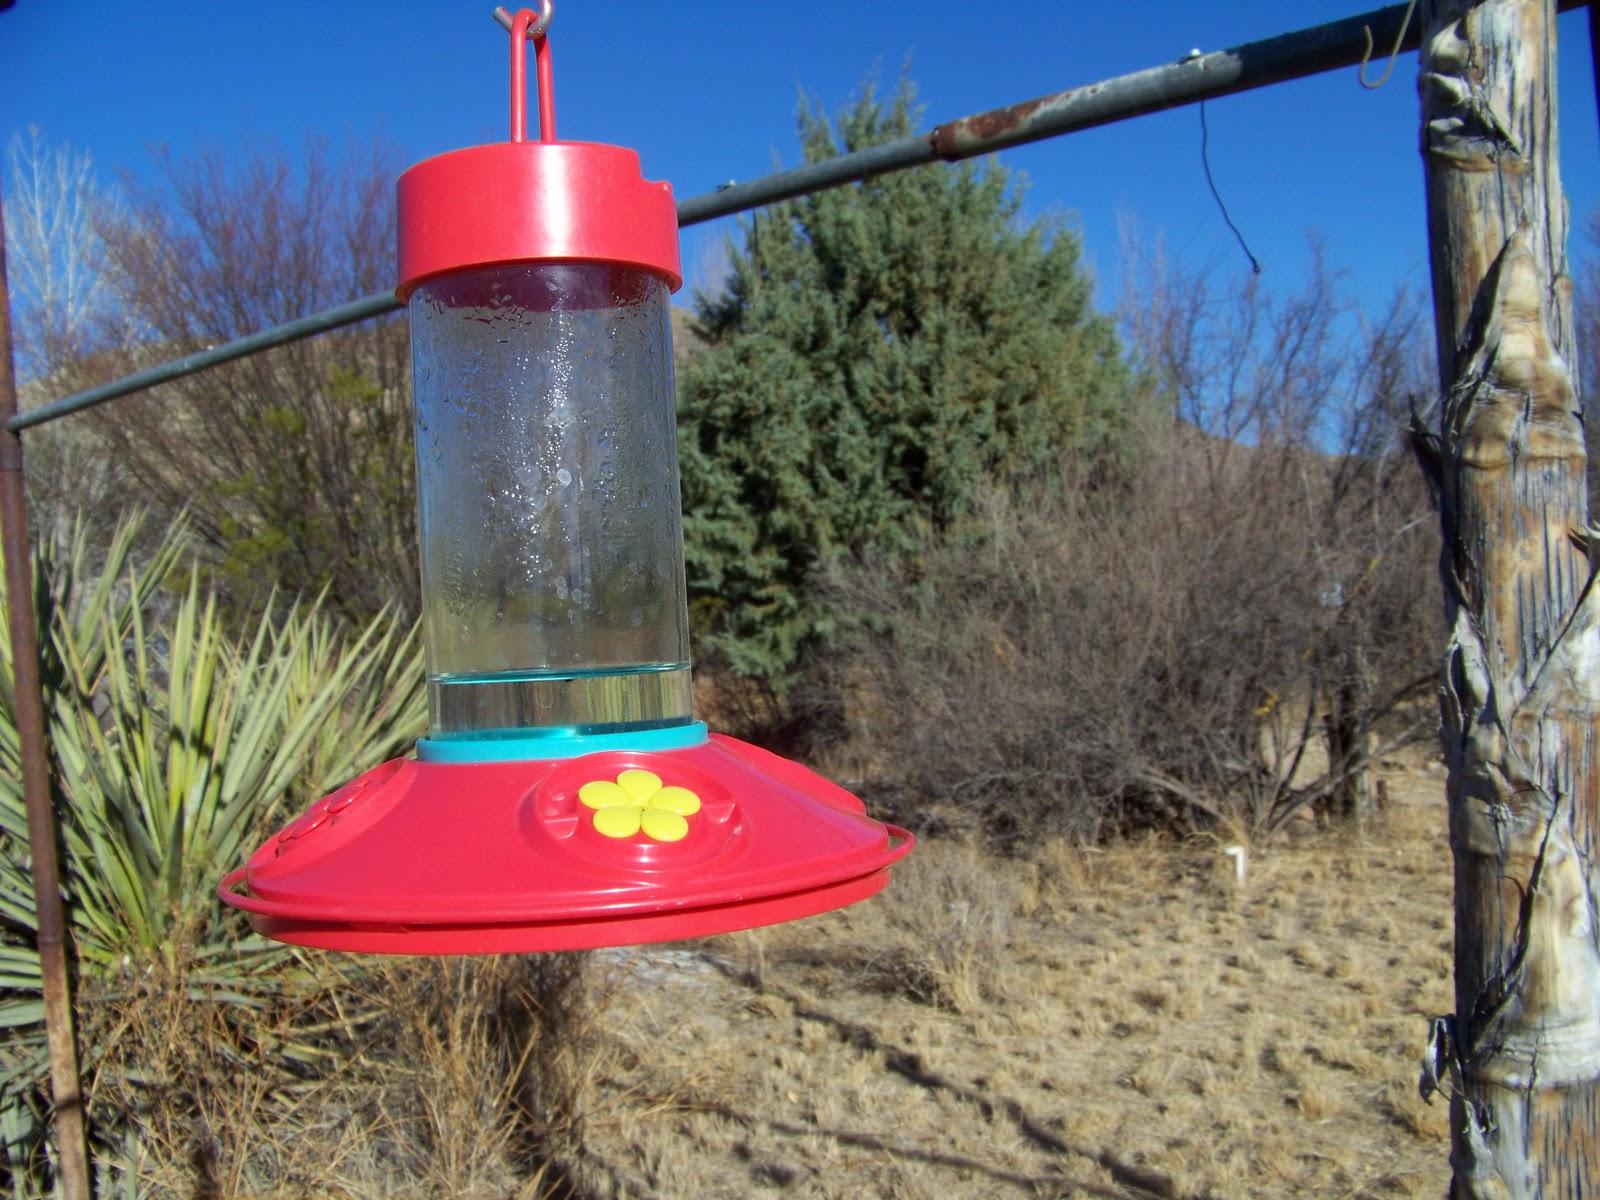 Perky-Pet® Alimentador de colibrí de vidrio de cintura pellizcante con néctar libre, modelo # 203CPBN | MosquitoMagnet.com